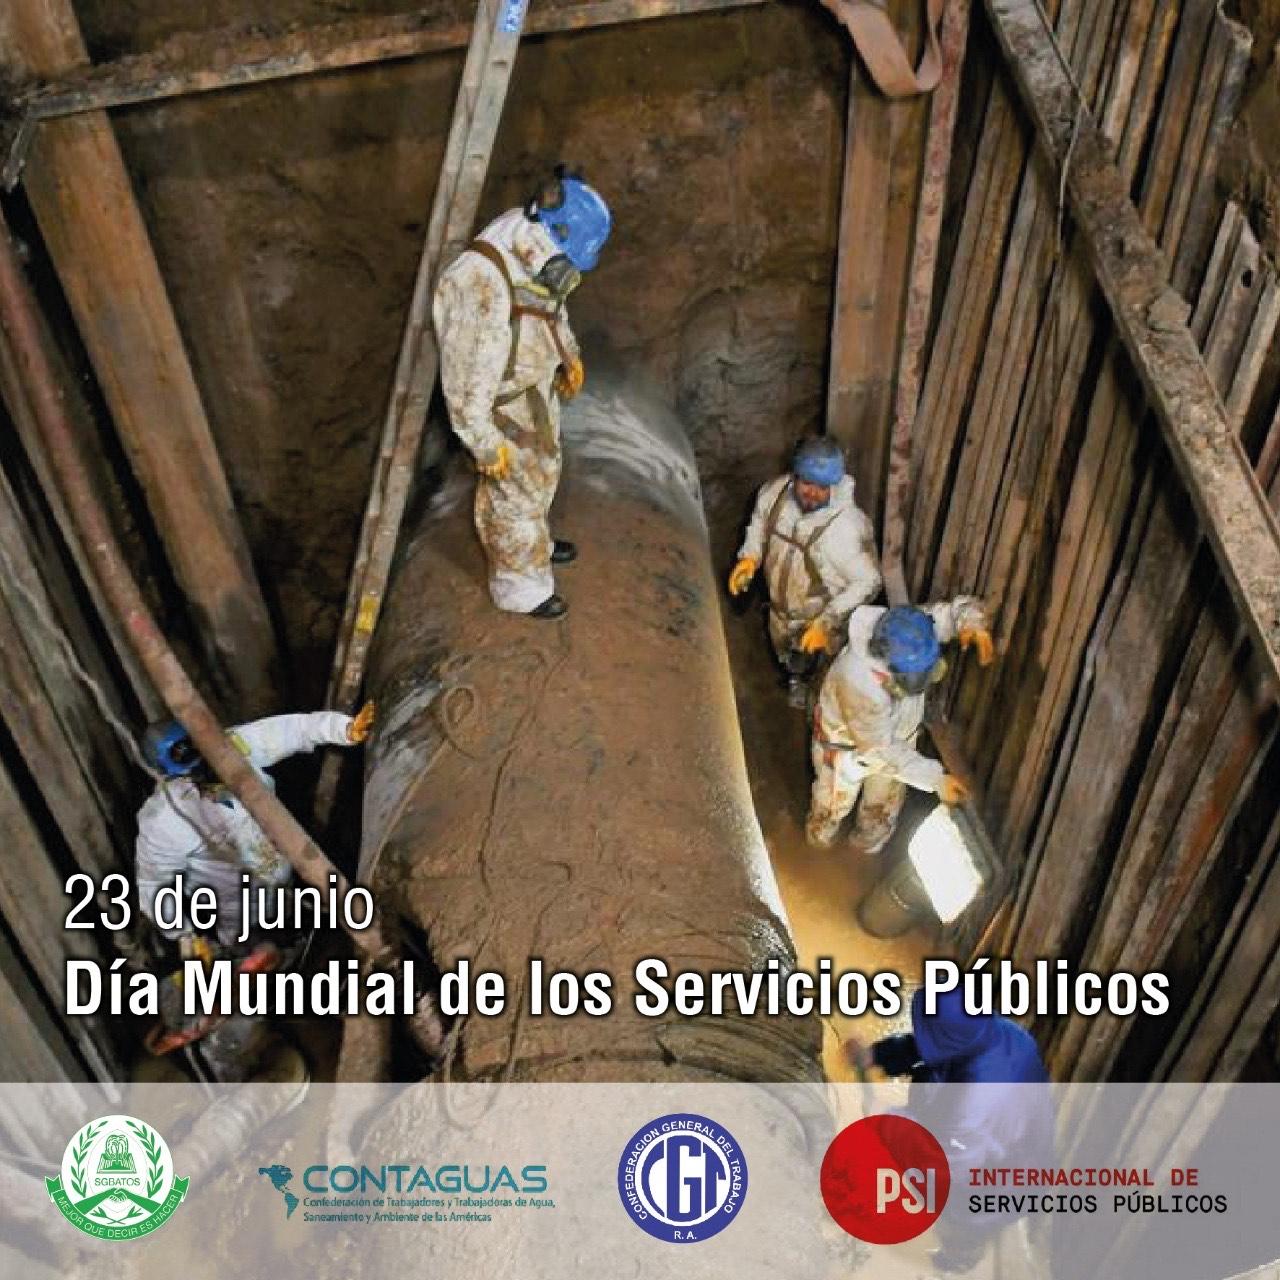 23 de junio – Día Mundial de los Servicios Públicos